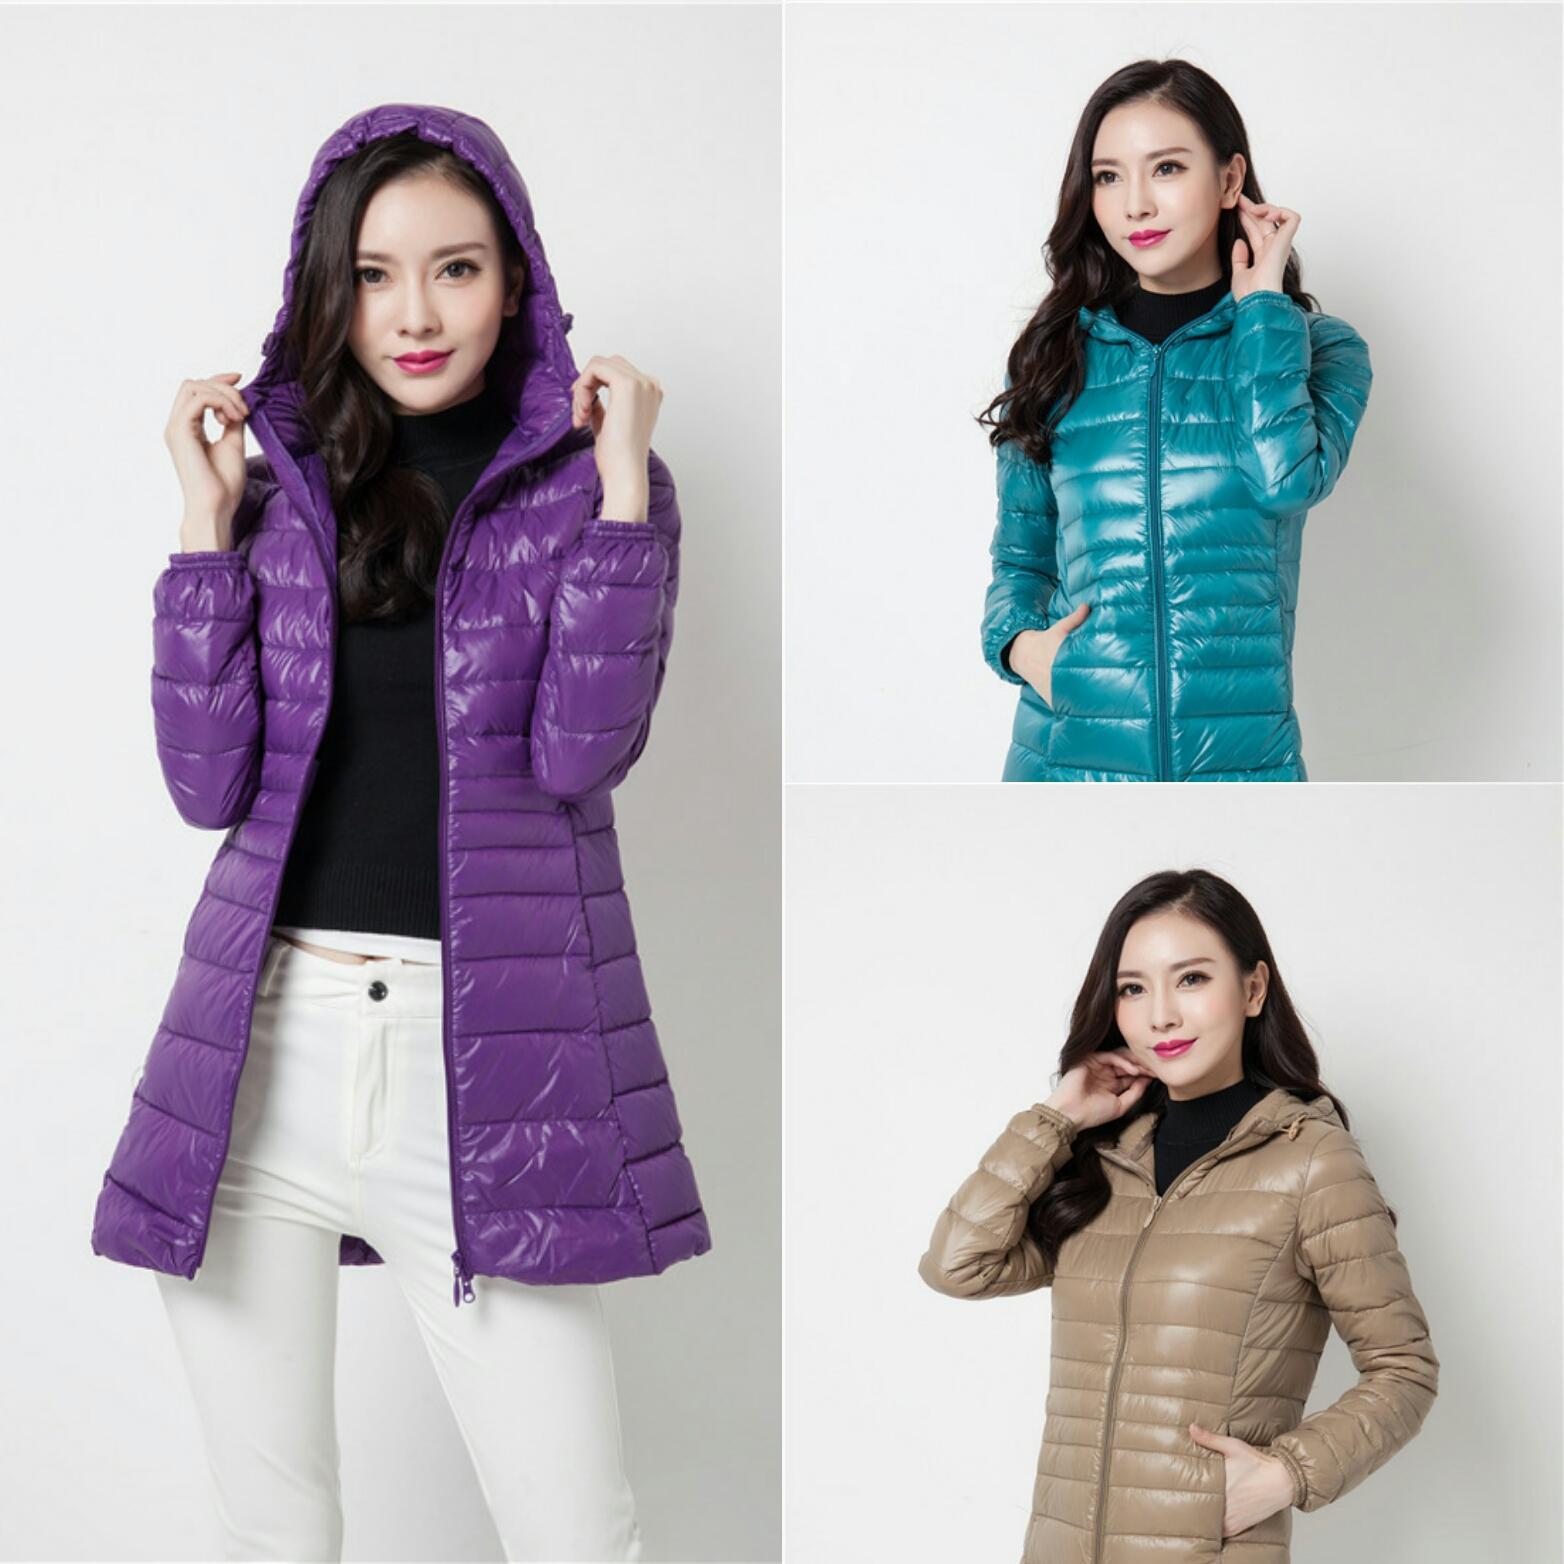 new style 251d2 d0186 Weiße Entendaunen 90% Ultraleicht Daunenmantel Mittellange Frauen Designer  Wintermäntel Farbe 9 Größe S-3XL Winterjacke Frauen